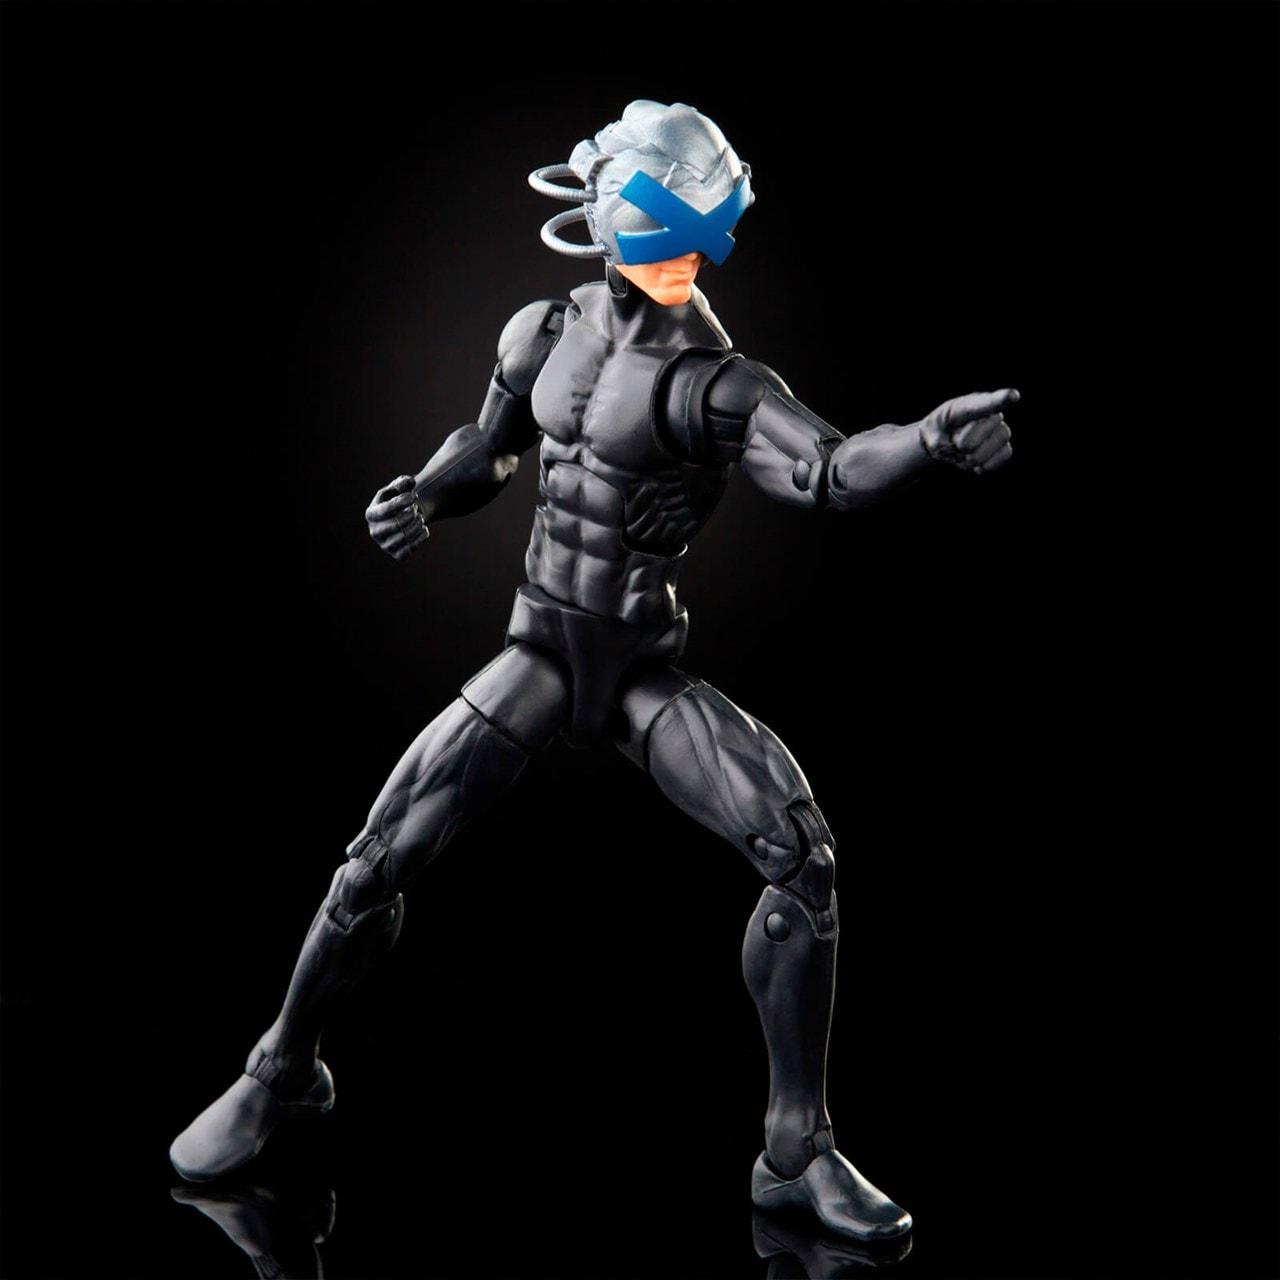 Marvel Legends Series X-Men Professor X Action Figure - 1